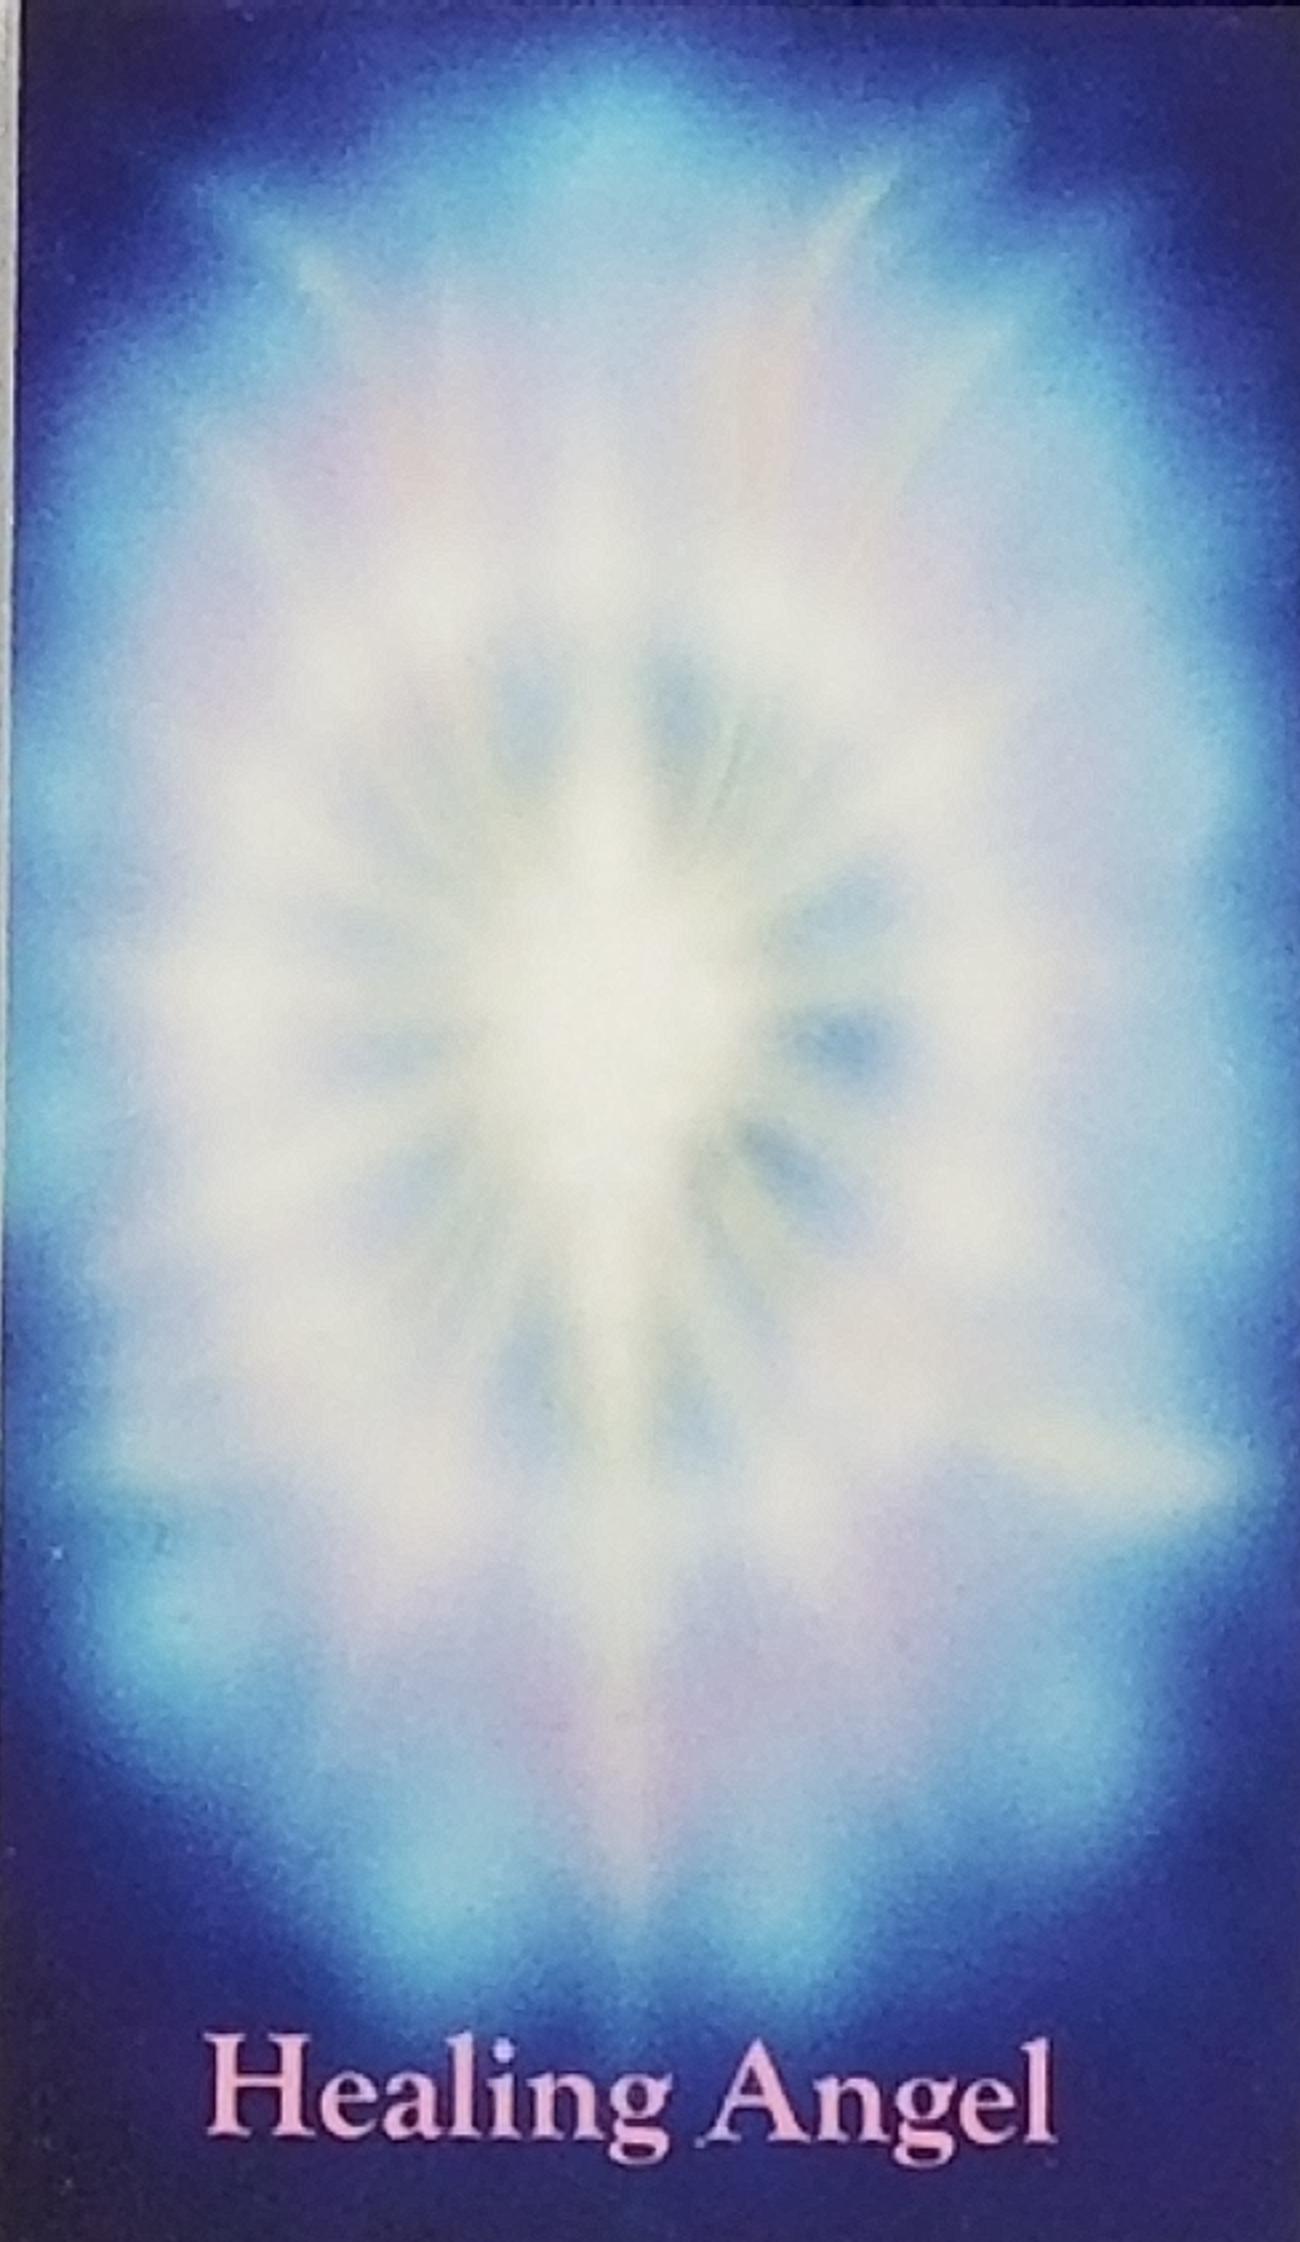 Healing Angel wallet sized card